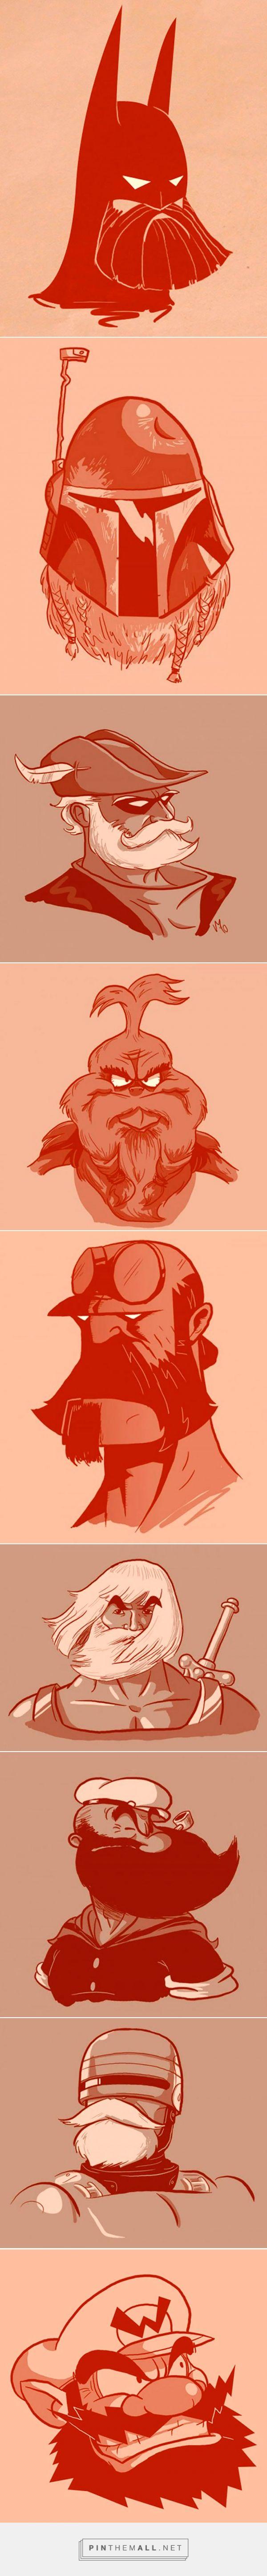 Bearded superheroes by Vanja Mrgan